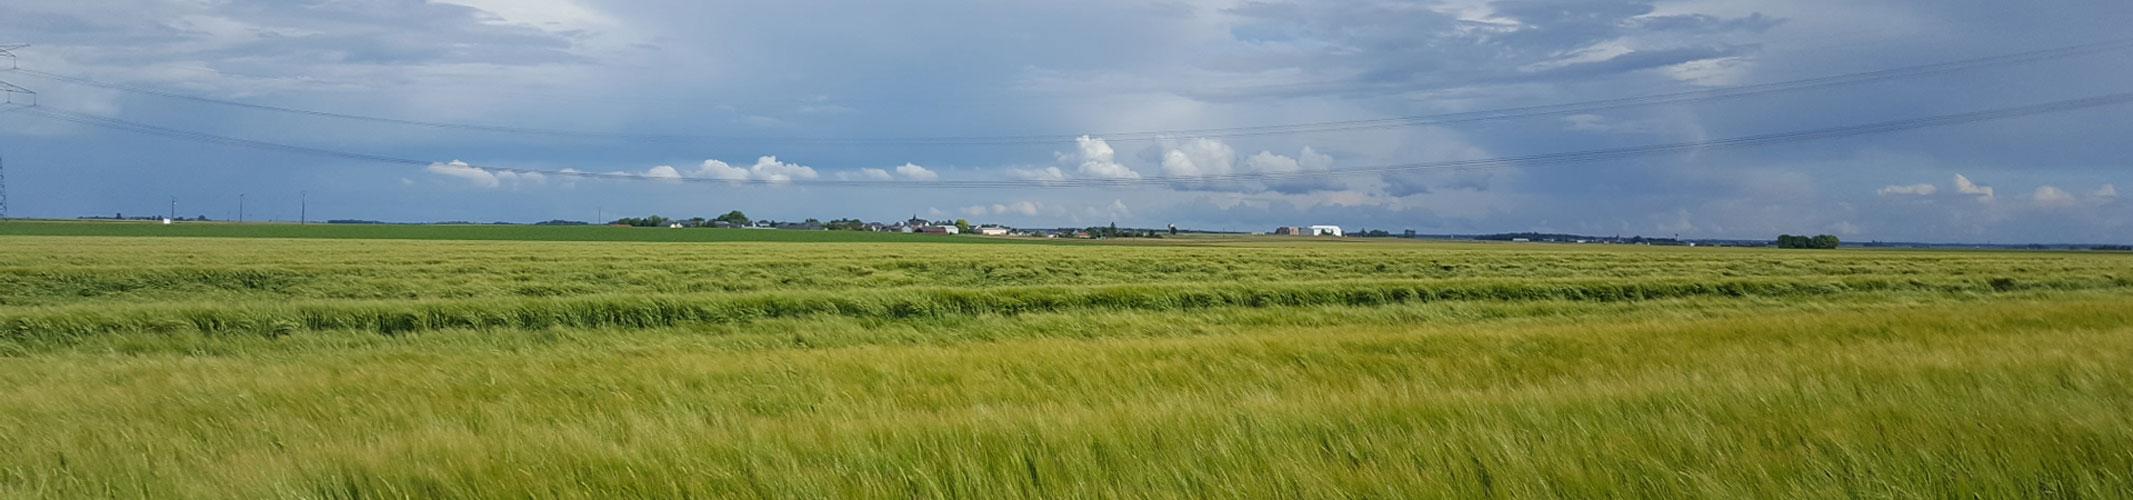 communaut u00e9 de communes plaine du nord loiret  u2013 d u00e9couvrez la ccpnl 45   scolarit u00e9  entreprises